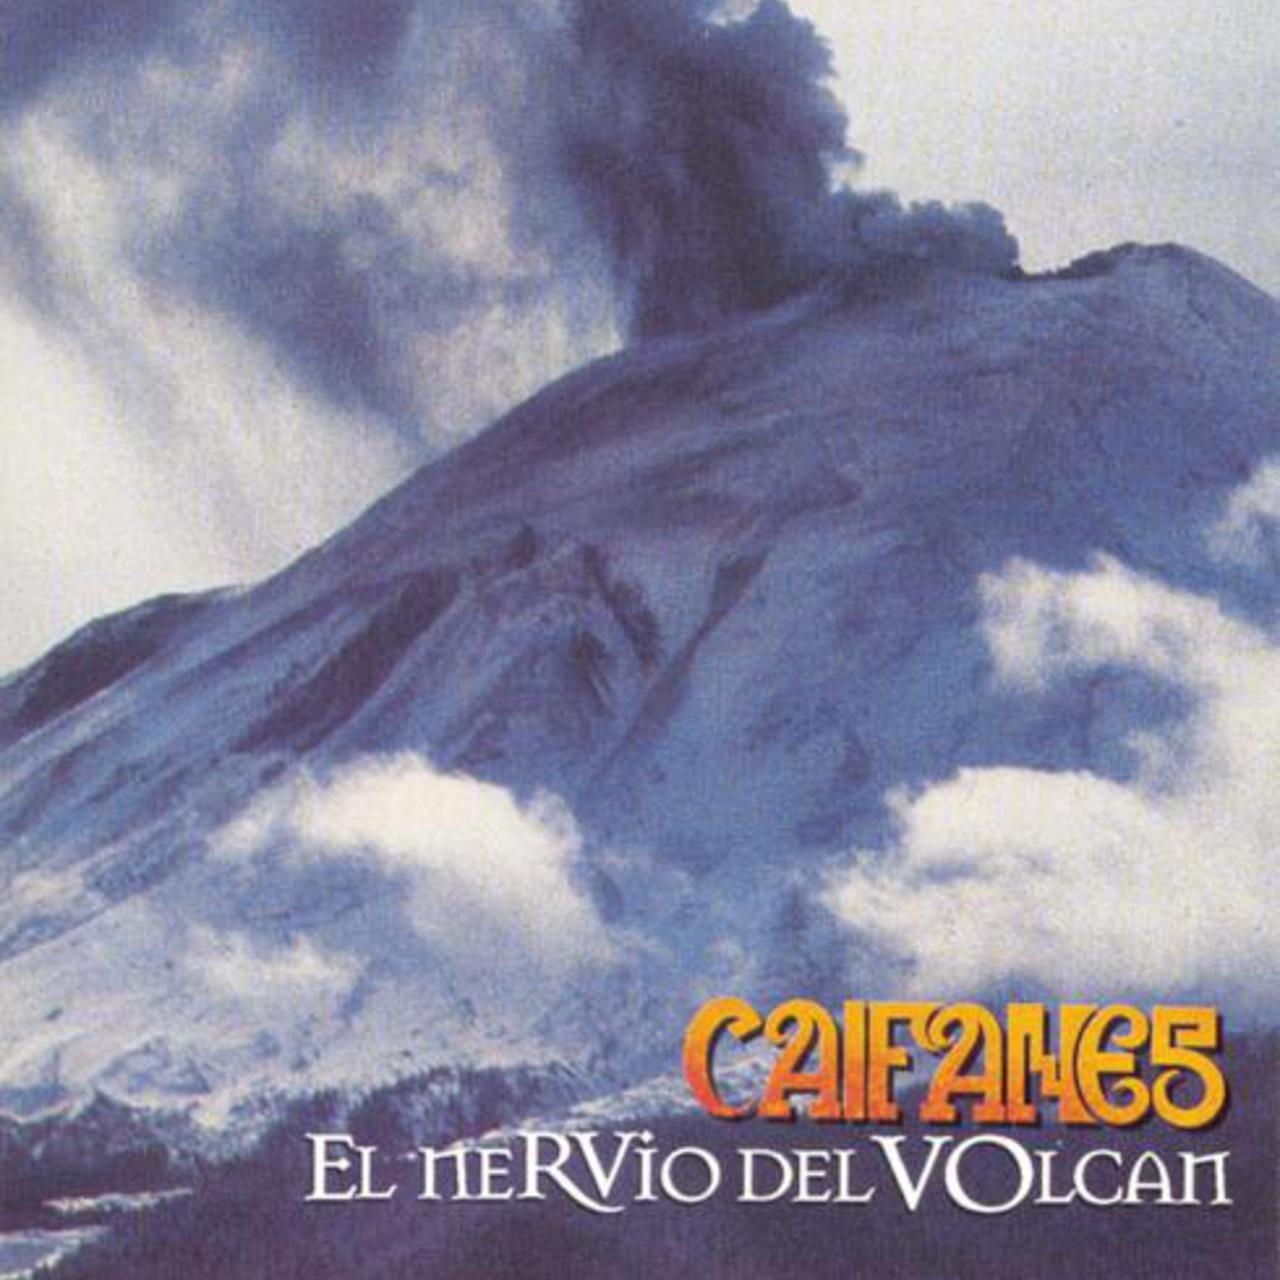 El Nervio del Volcán - Recurso Internet